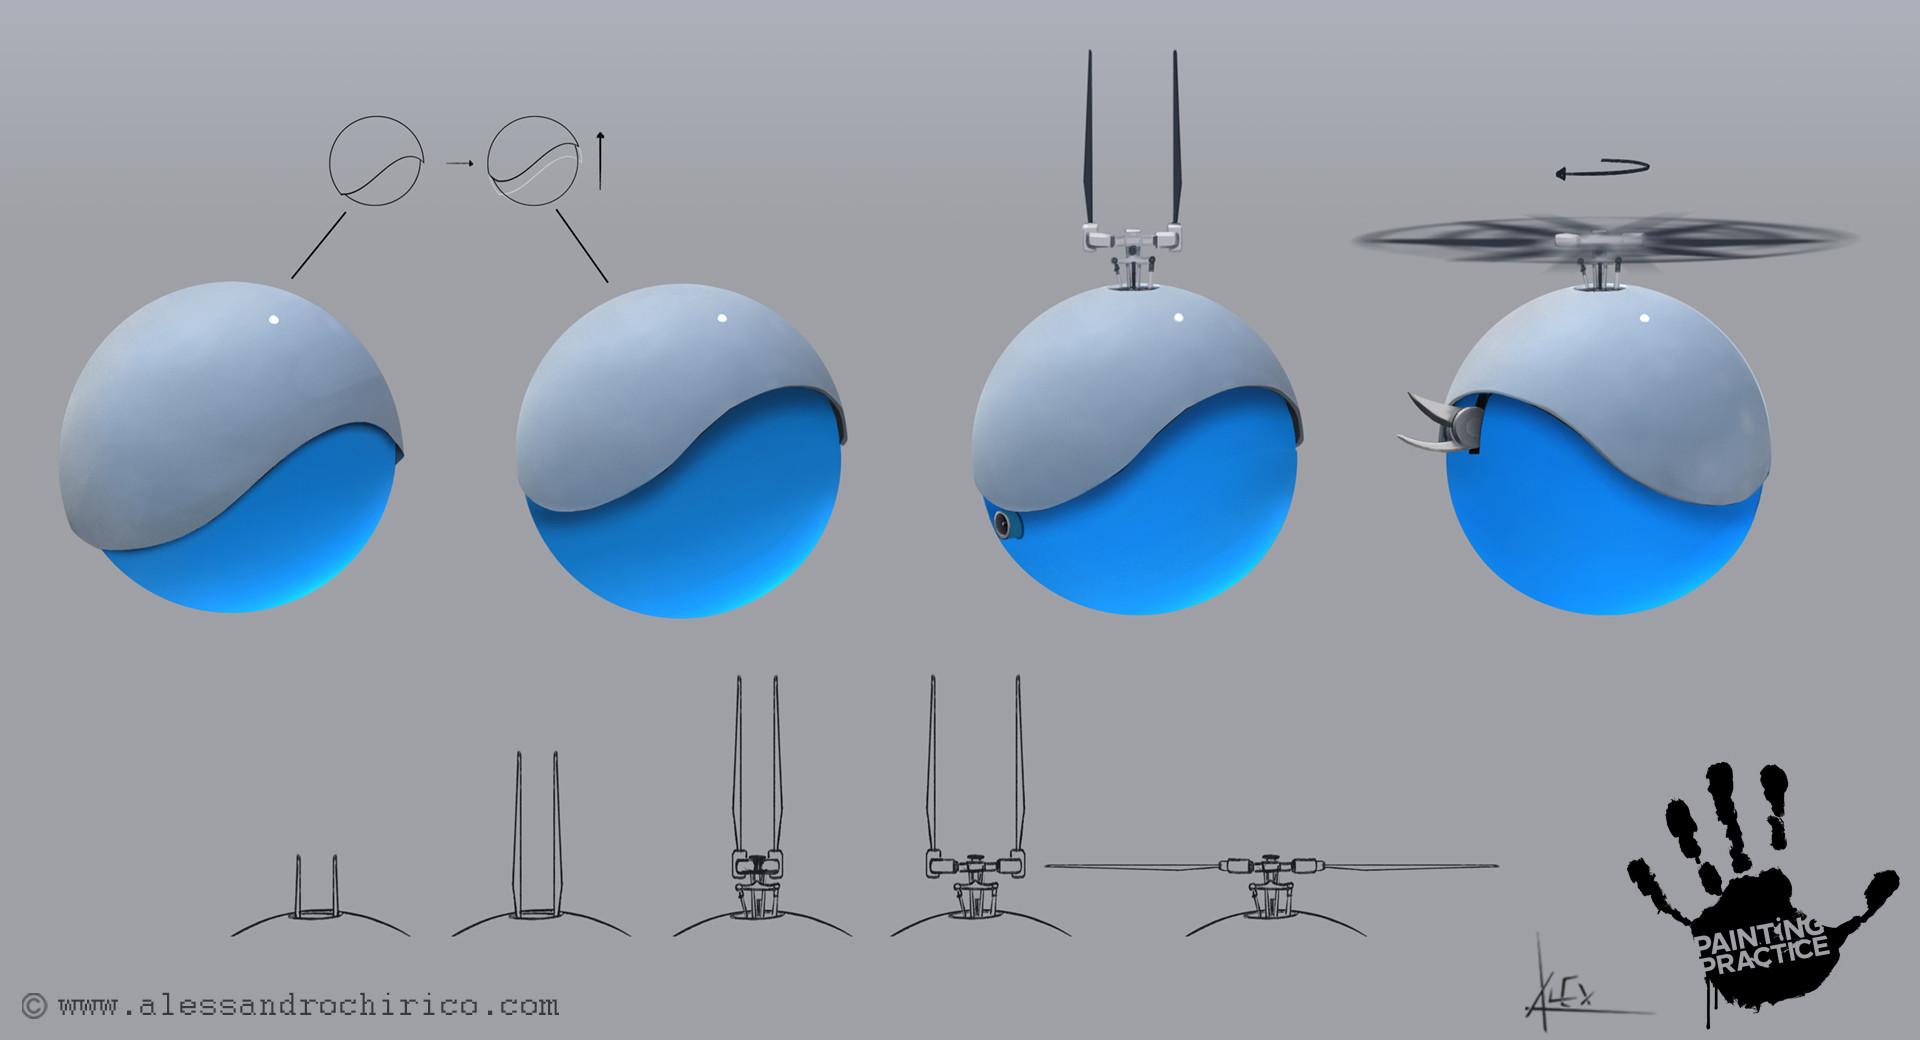 Alessandro chirico 22 sphere drone alessandro chirico